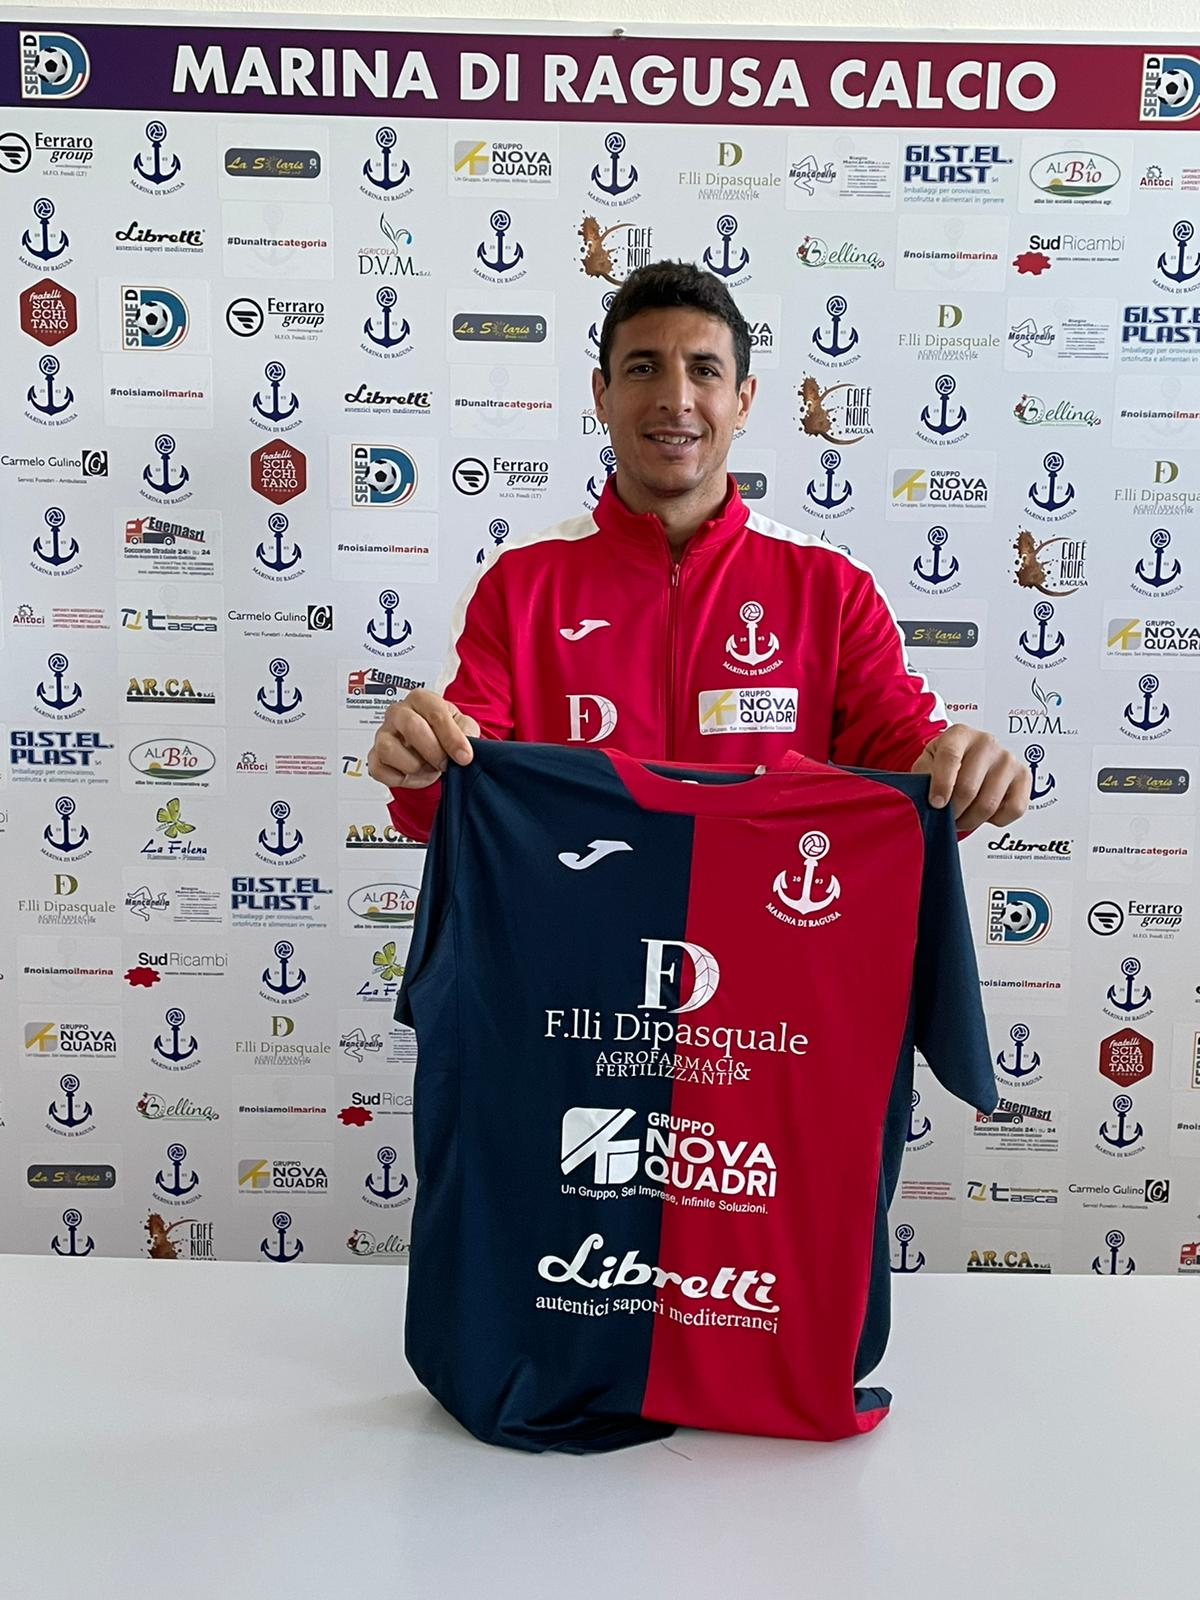 Iván Agudiak ficha por Marina di Ragusa, procedente de AS Giarre Calcio